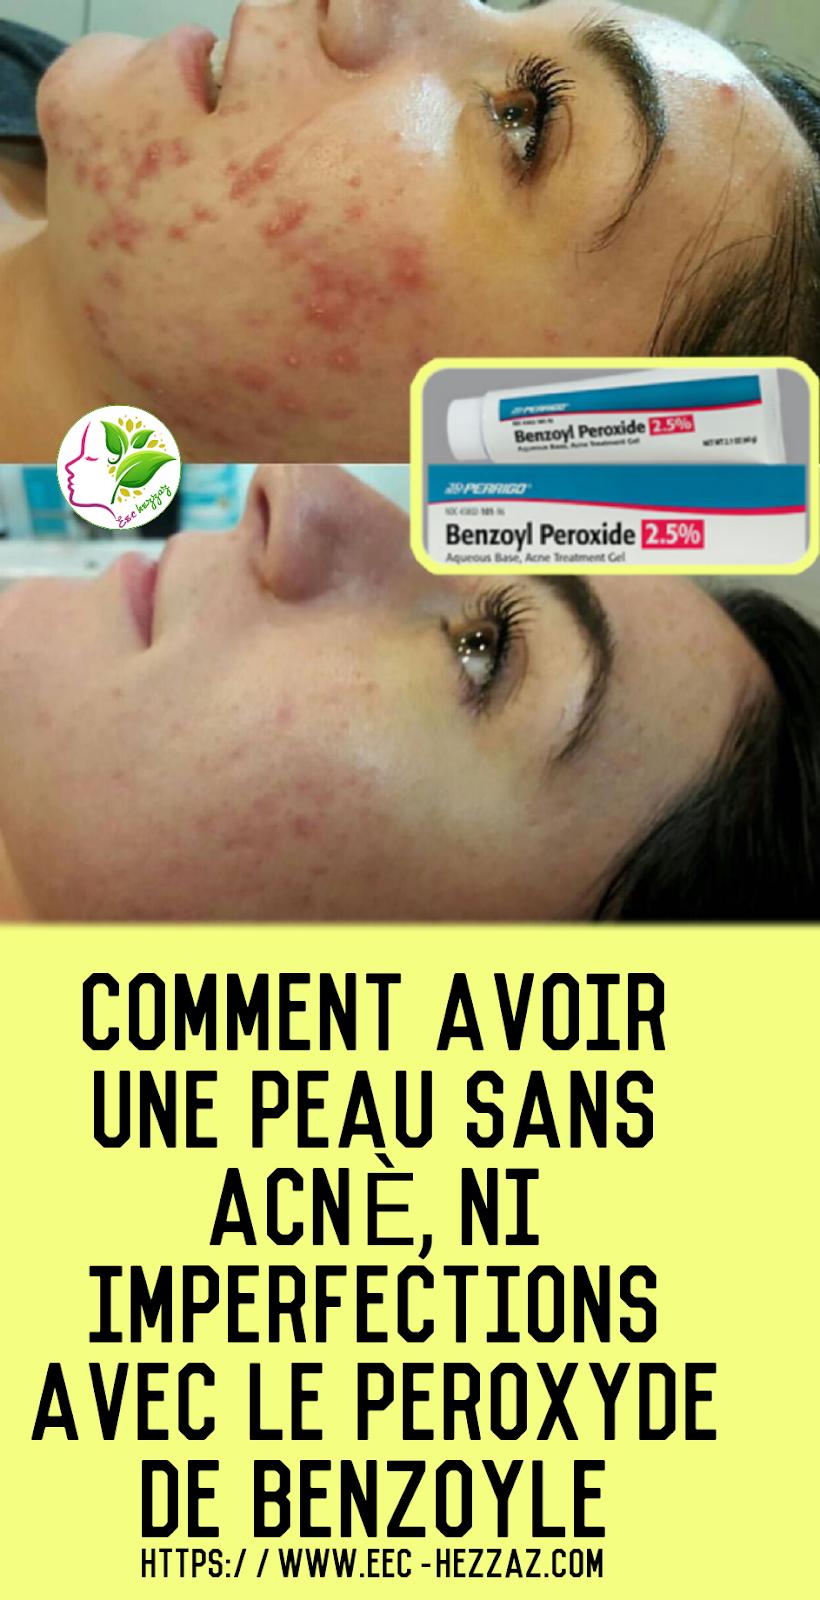 Comment avoir une peau sans acné, ni imperfections avec le peroxyde de benzoyle